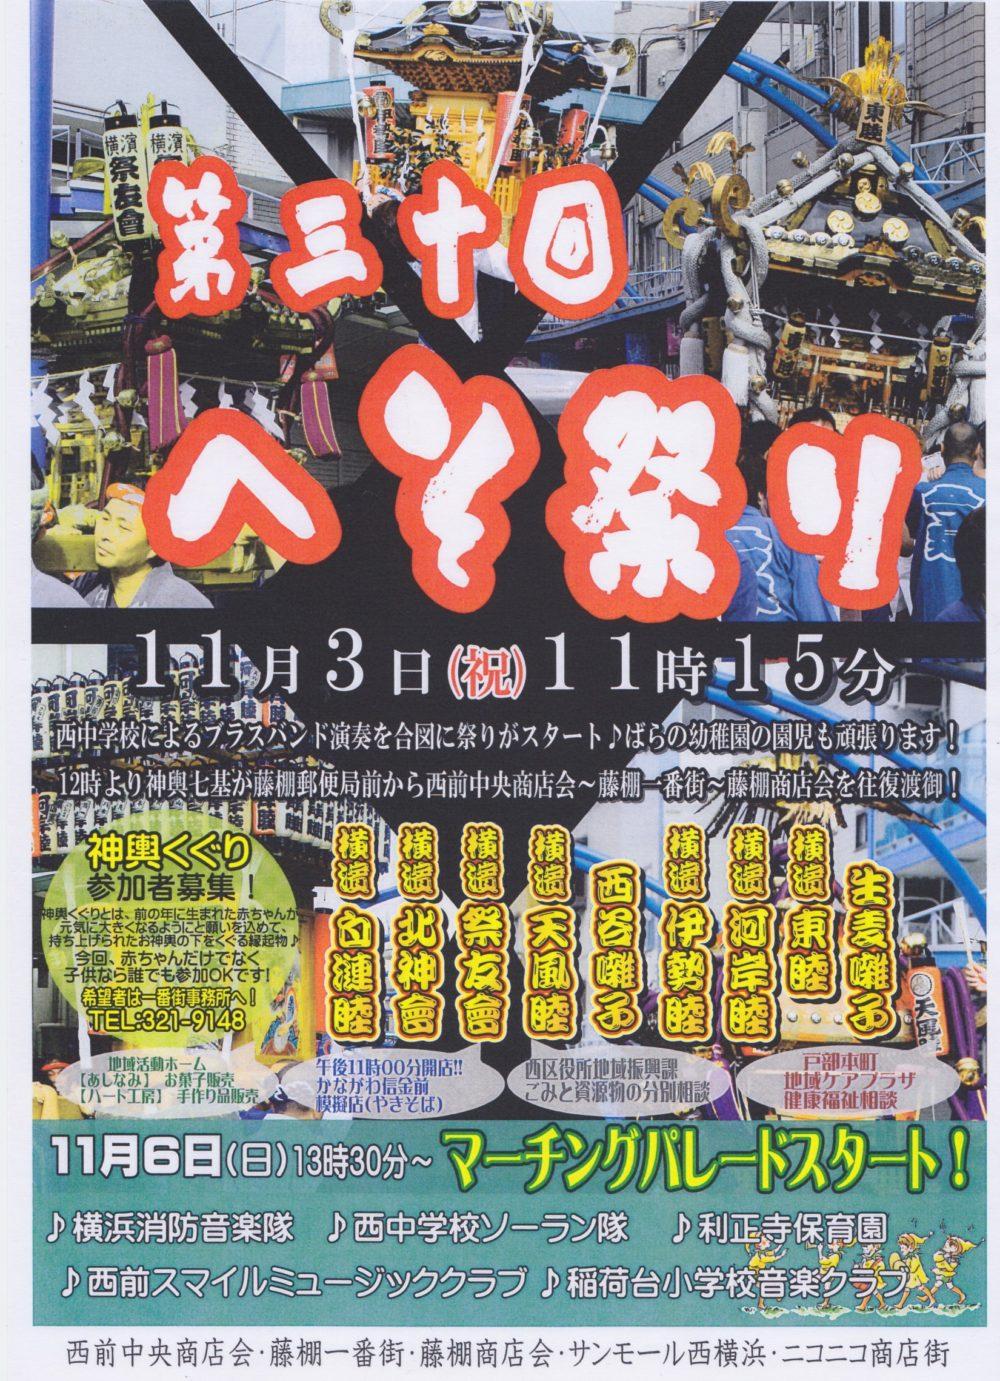 横浜へそ祭り2016